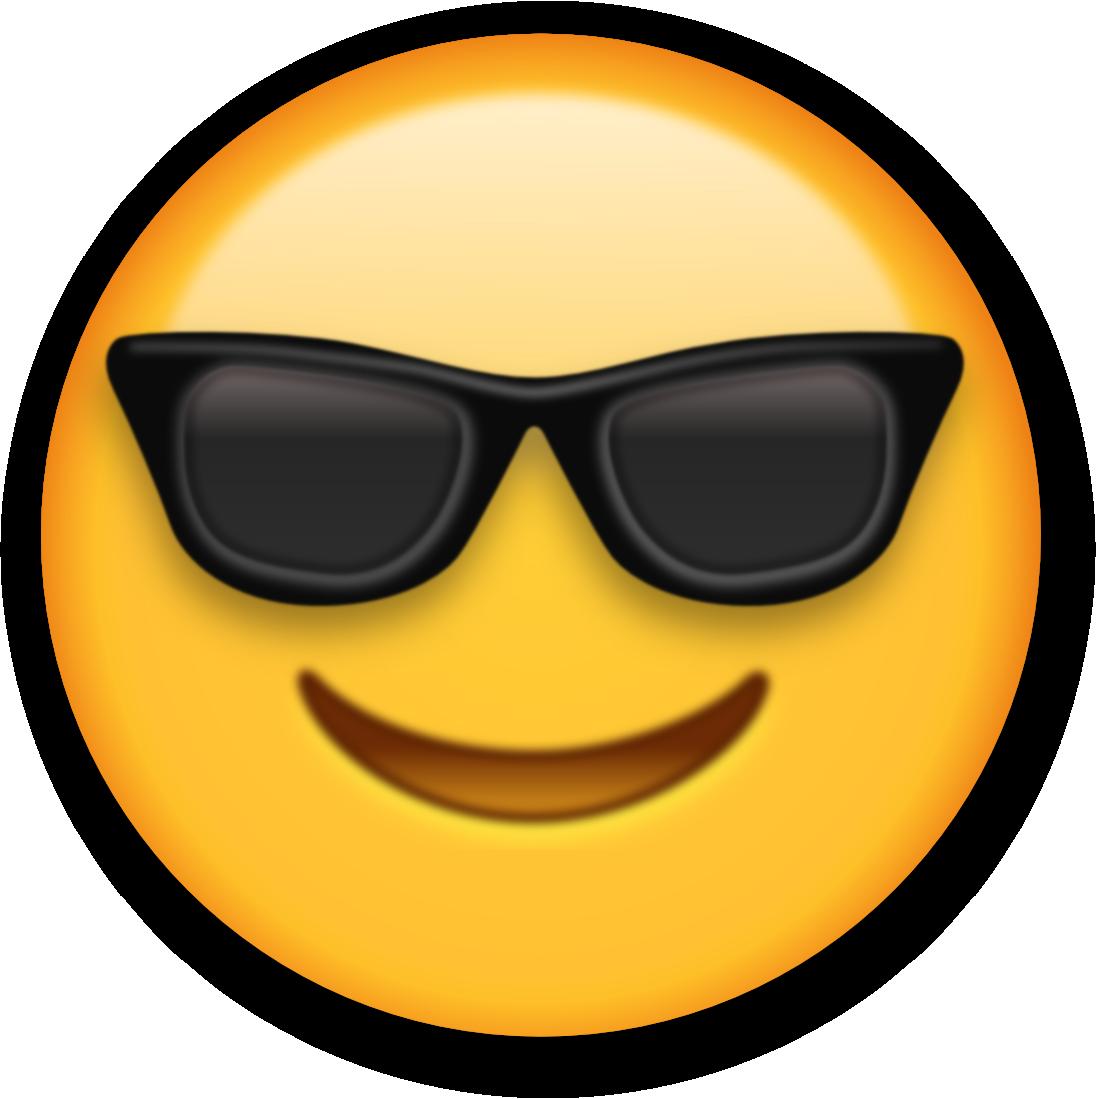 Emoji and Clip Art